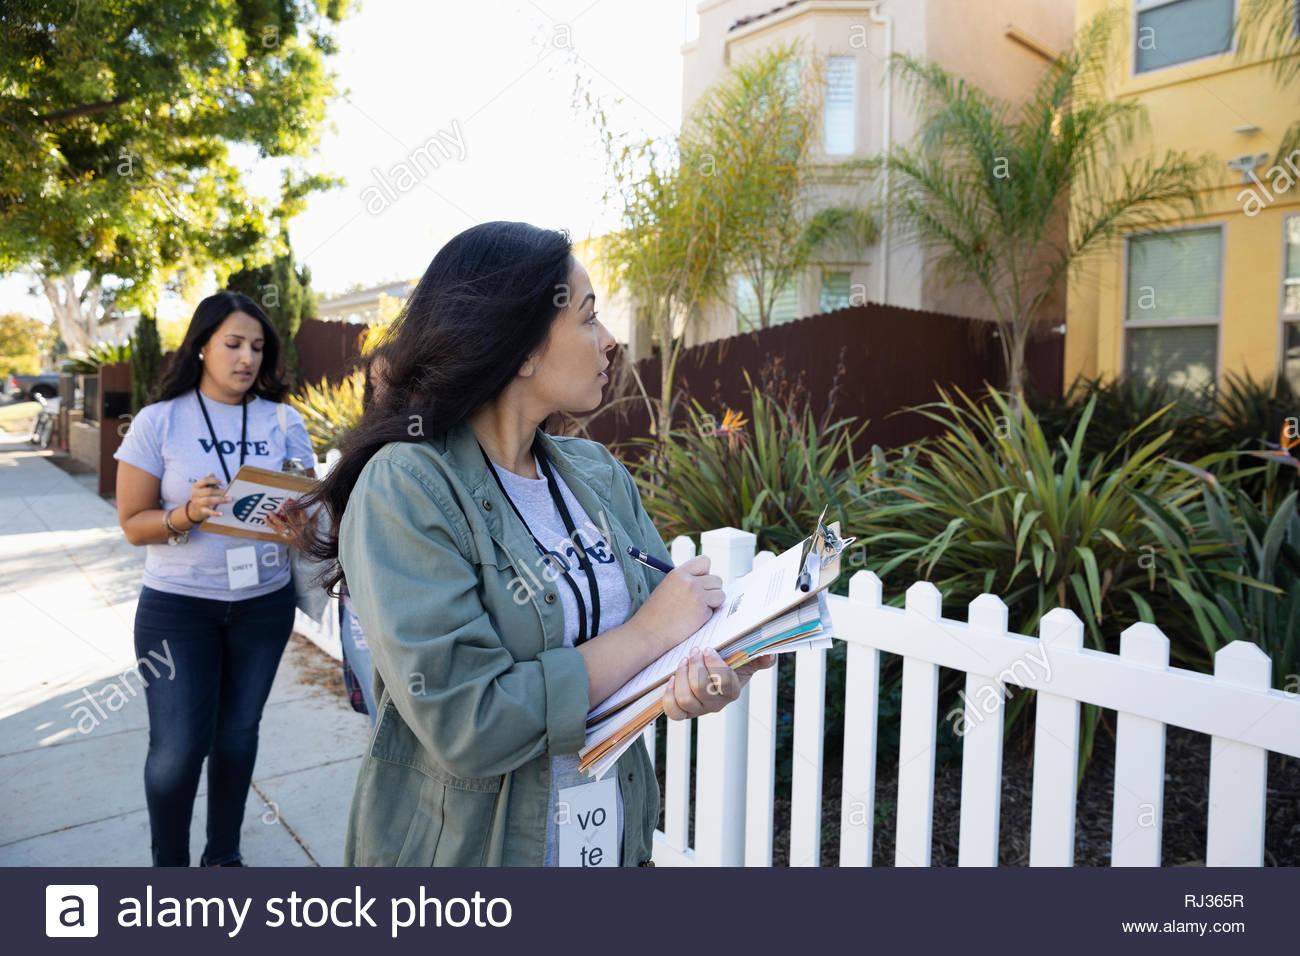 Latinx voluntarias con tablillas del voluntariado, la captación de los votantes puerta a puerta Imagen De Stock